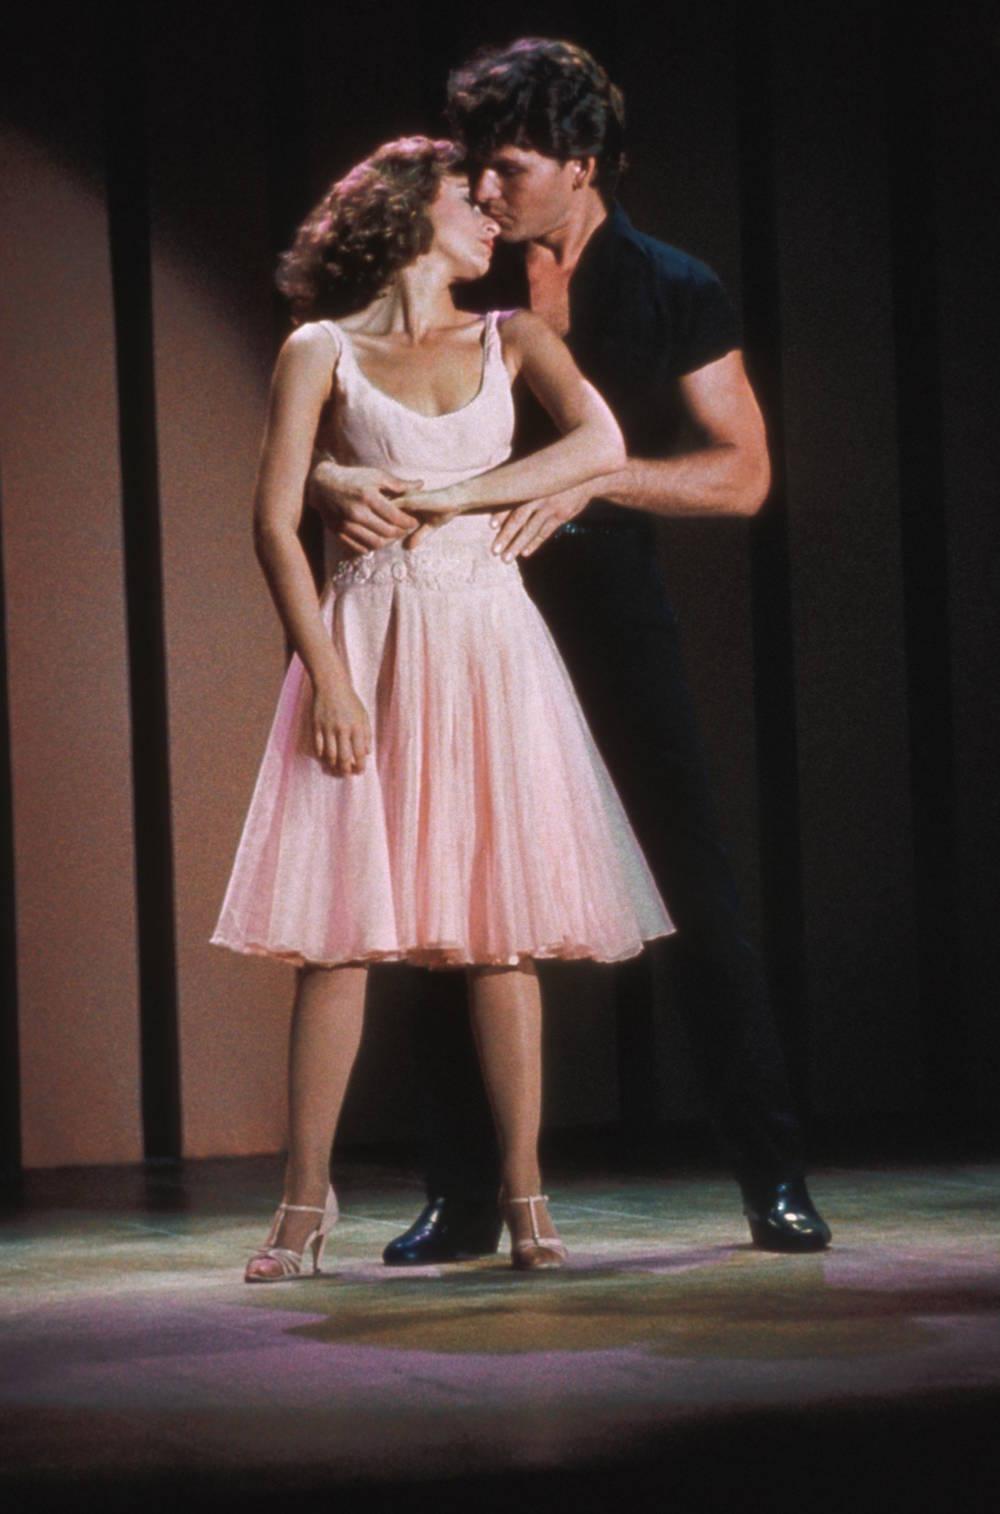 ennifer Grey und Patrick Swayze in Dirty Dancing